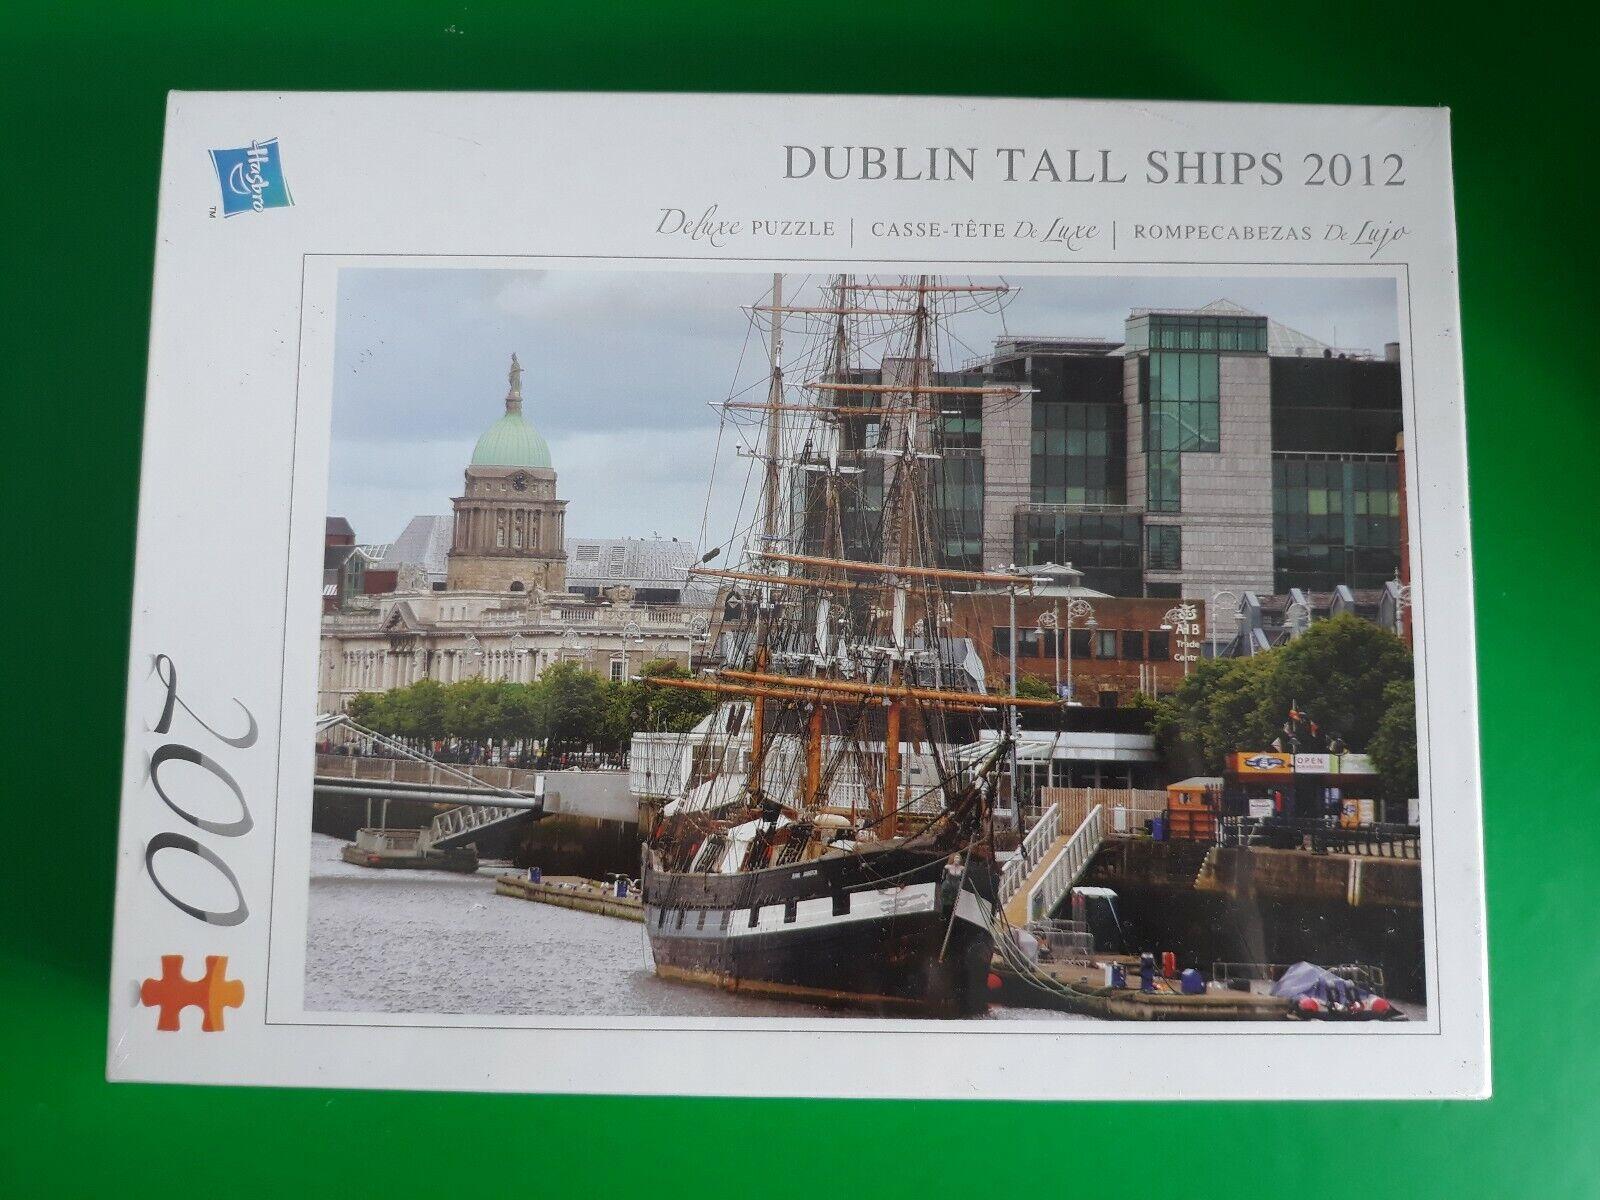 DUBLIN Ttutti SHIPS 2012 - 200 piece Jigsaw Deluxe  Puzzle - Hasbro nuovo - RARE  bellissima